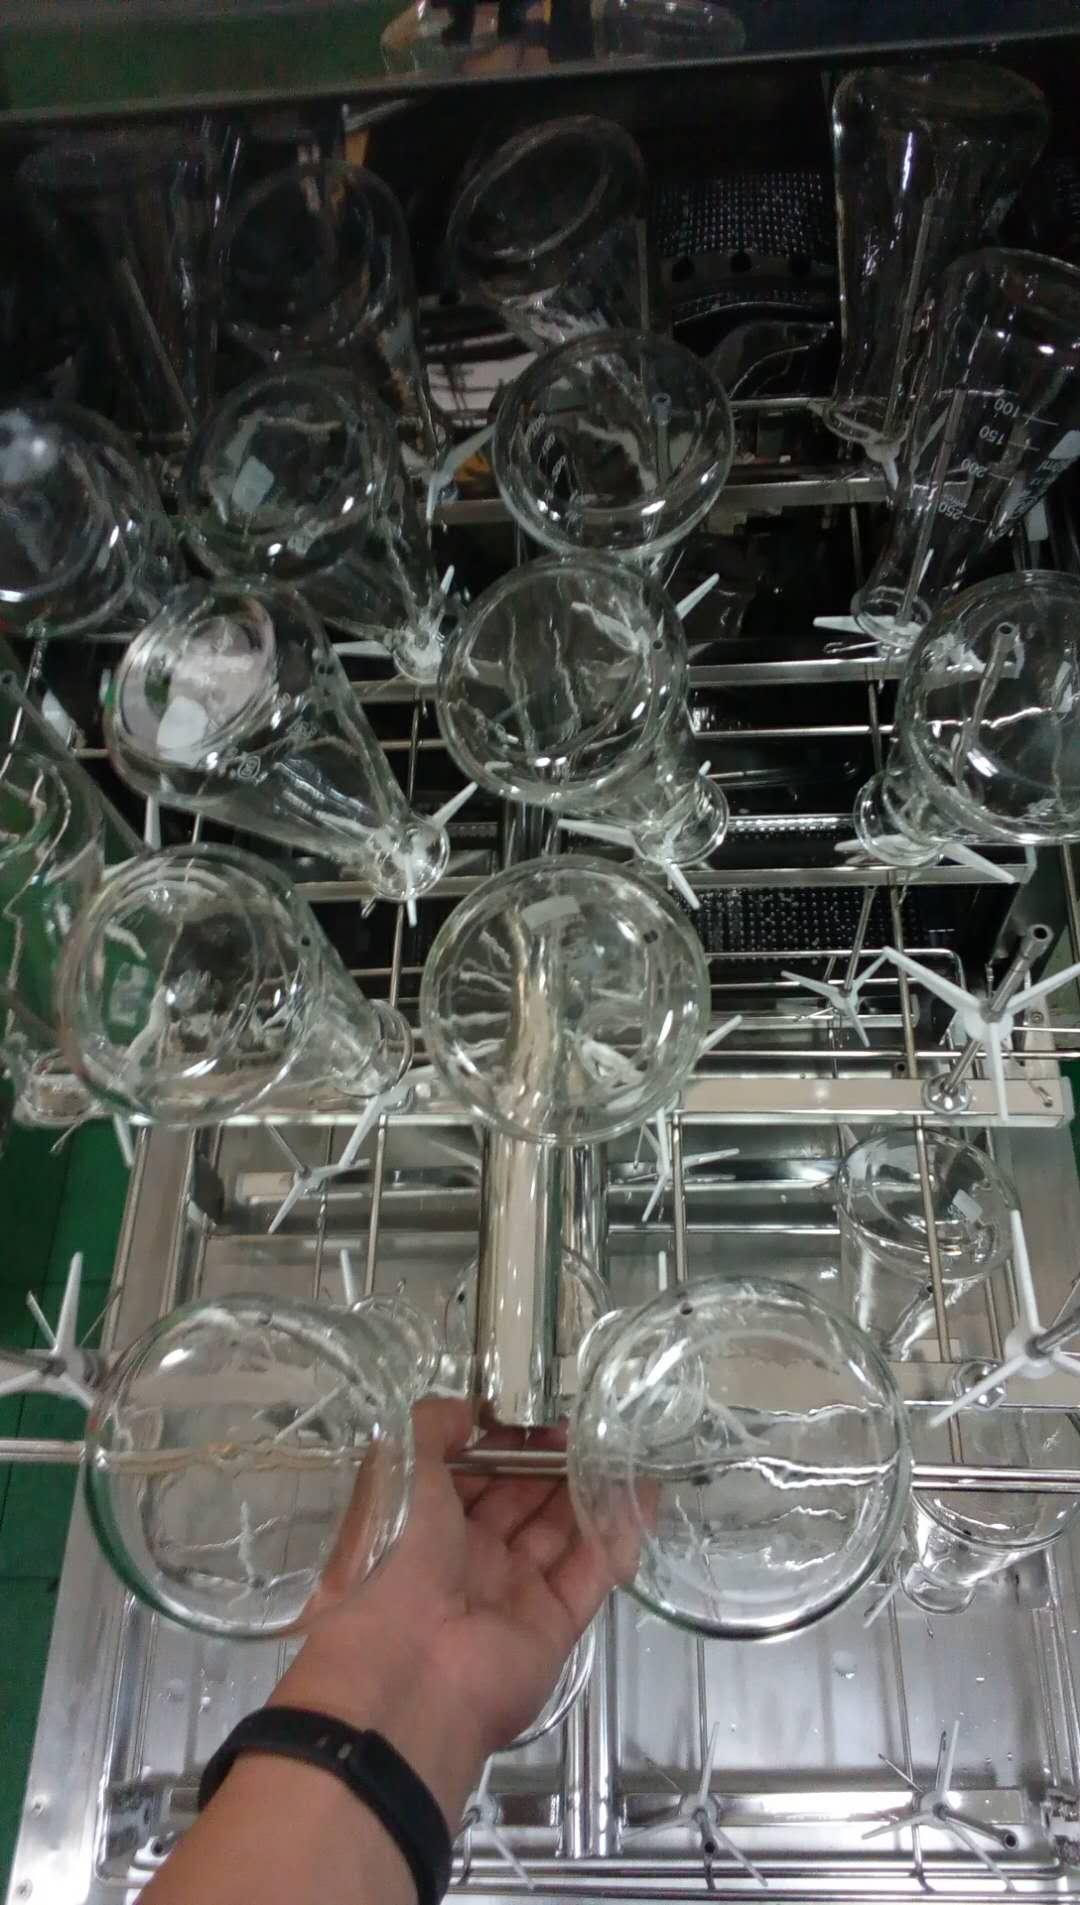 601367457484804583.jpg 烧杯、容量瓶、锥形瓶等不一样的清洗方式 公司动态 第14张